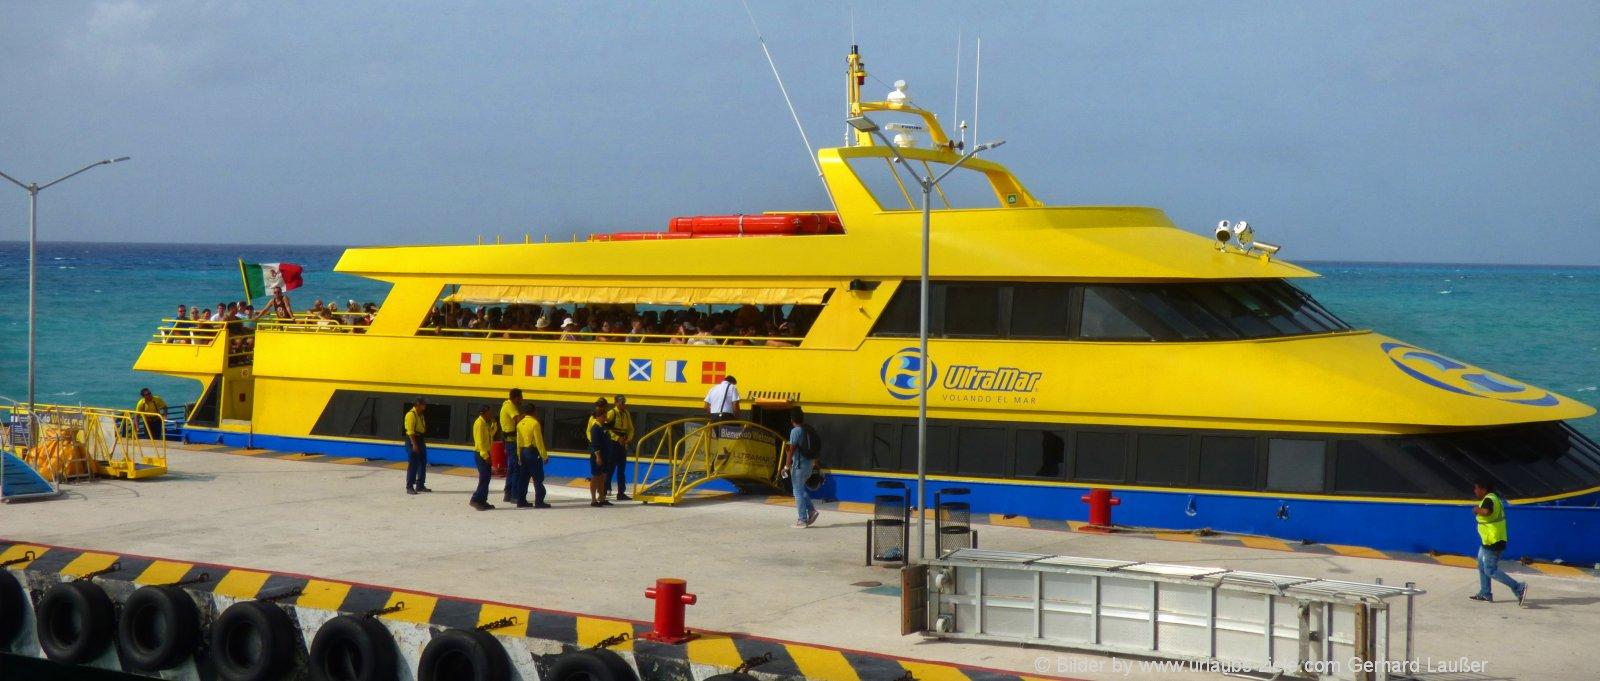 weltreise-fähren-online-günstig-buchen-kanarische-inseln-festland